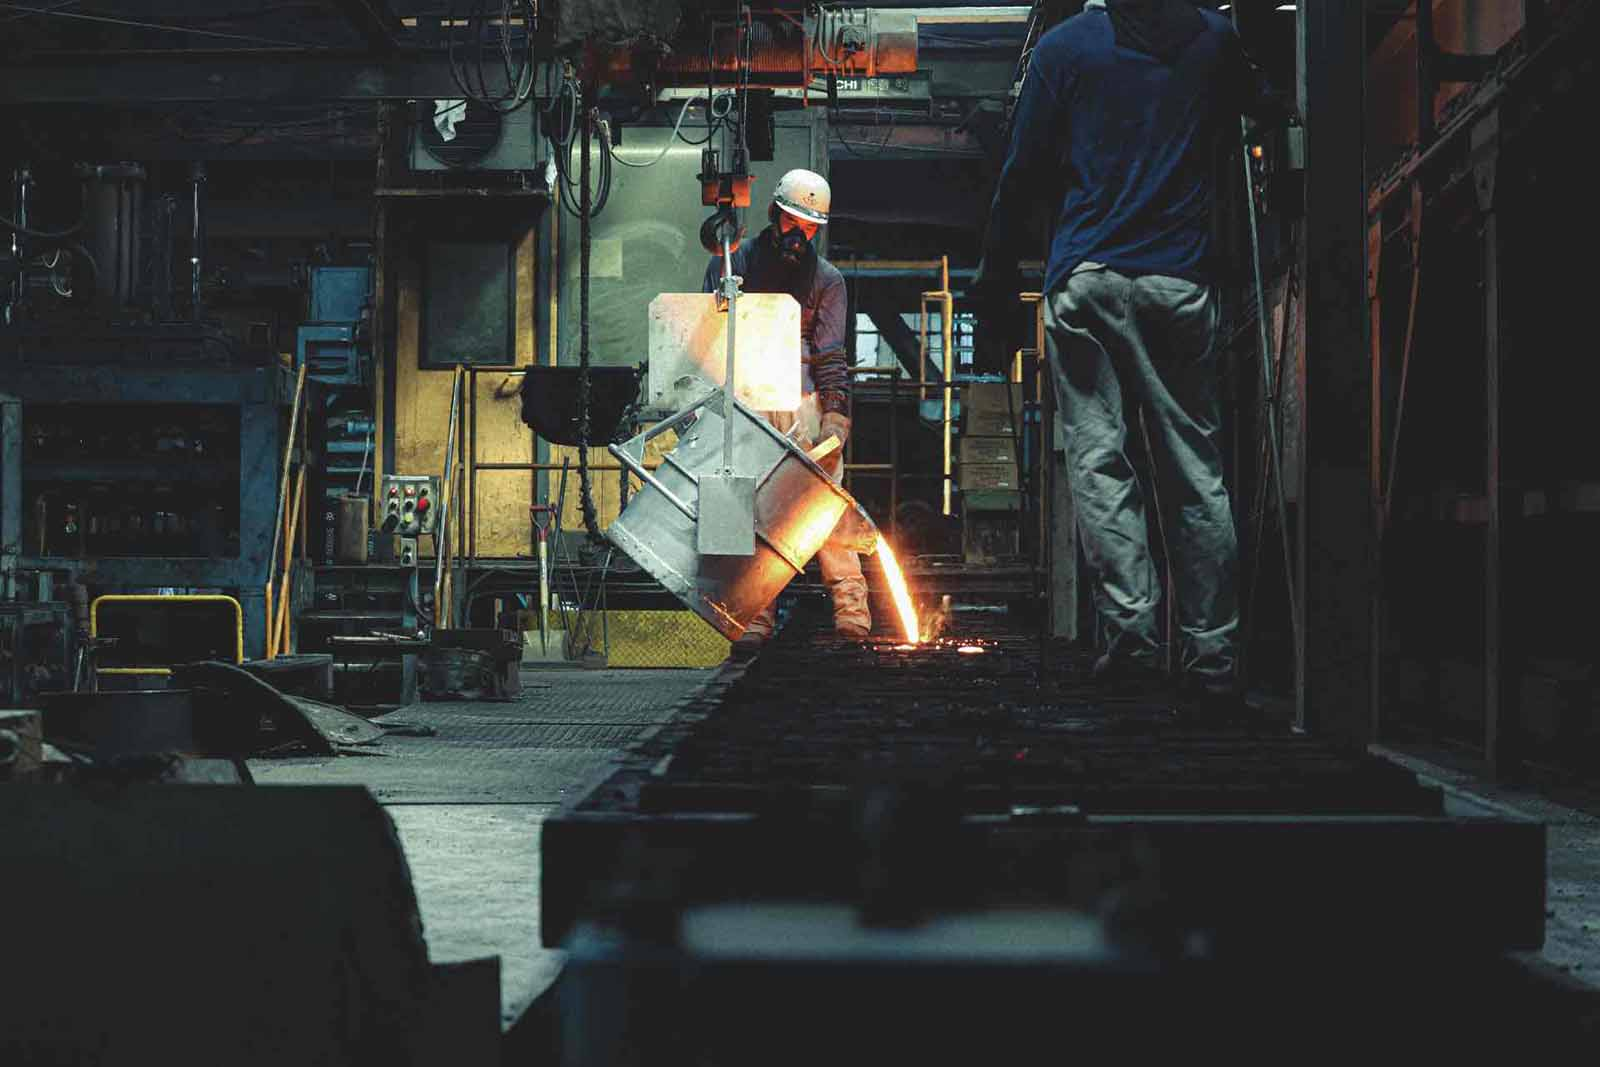 鋳物製造ヘッダー画像1